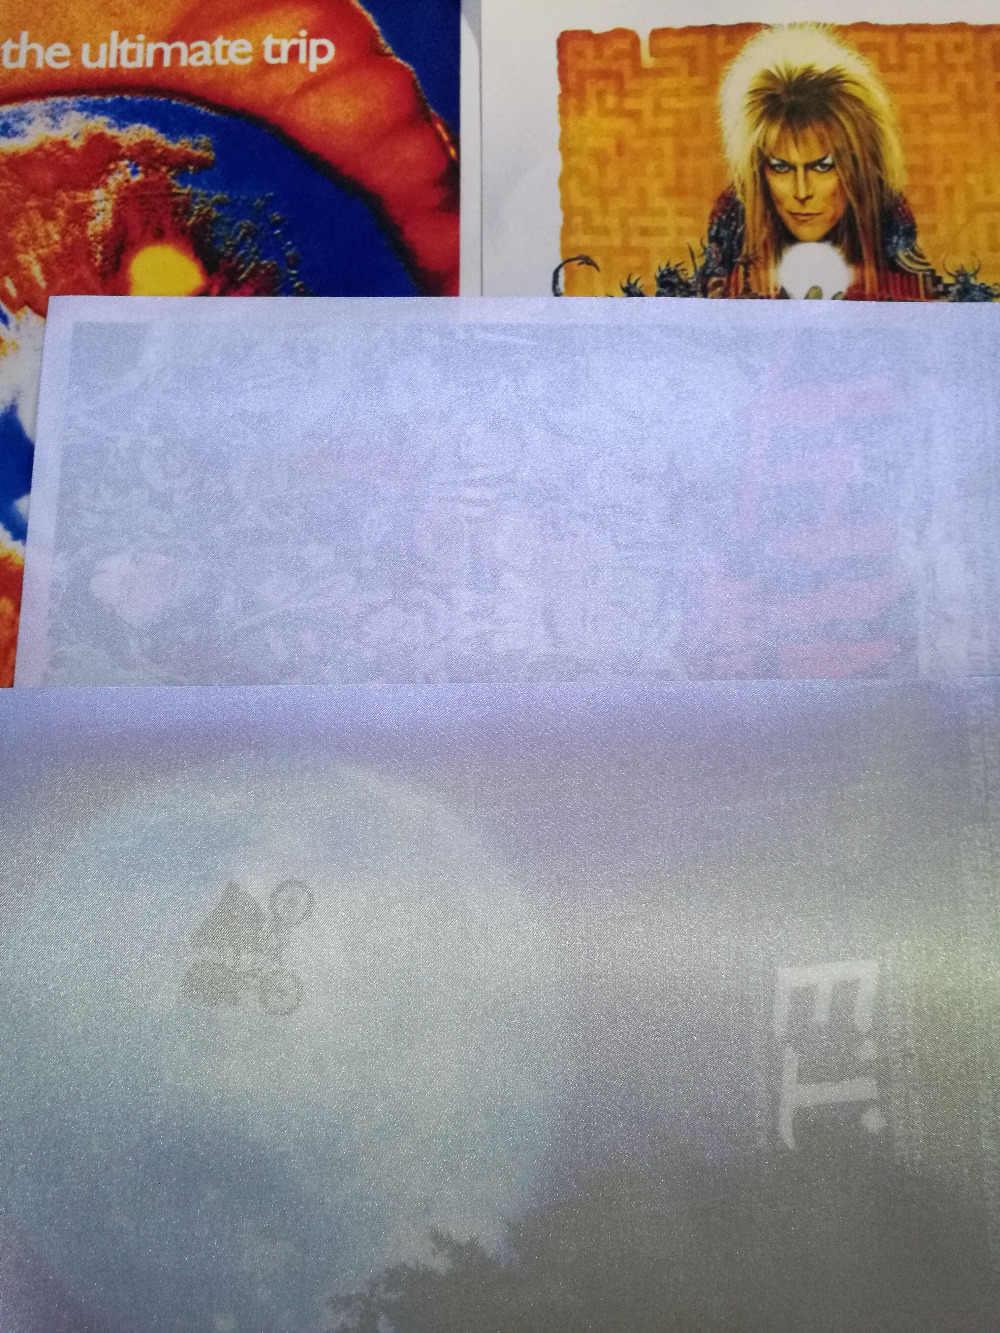 الناس روديو رعاة البقر والخيول الفن جدار ديكور الحرير طباعة ملصق